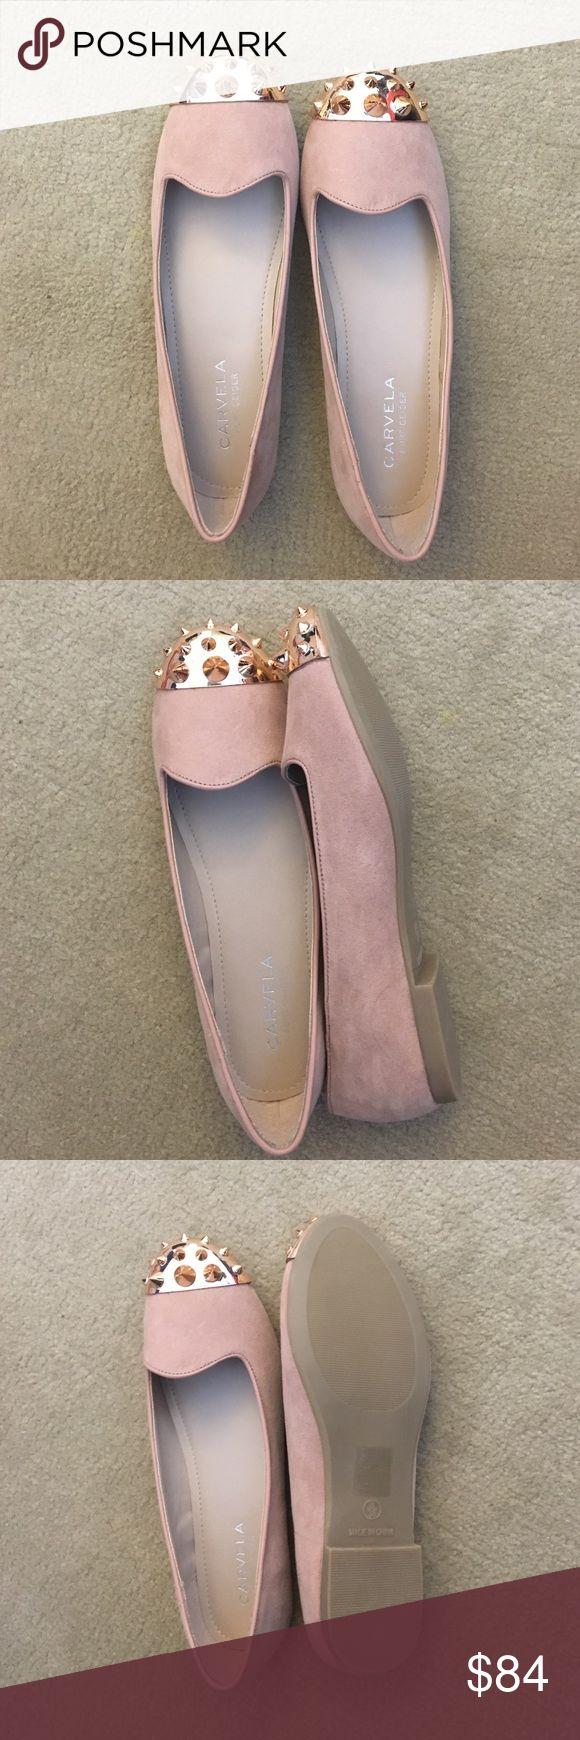 Carvela Pink Loafer Brand New 100% new! Carvela Shoes Flats & Loafers